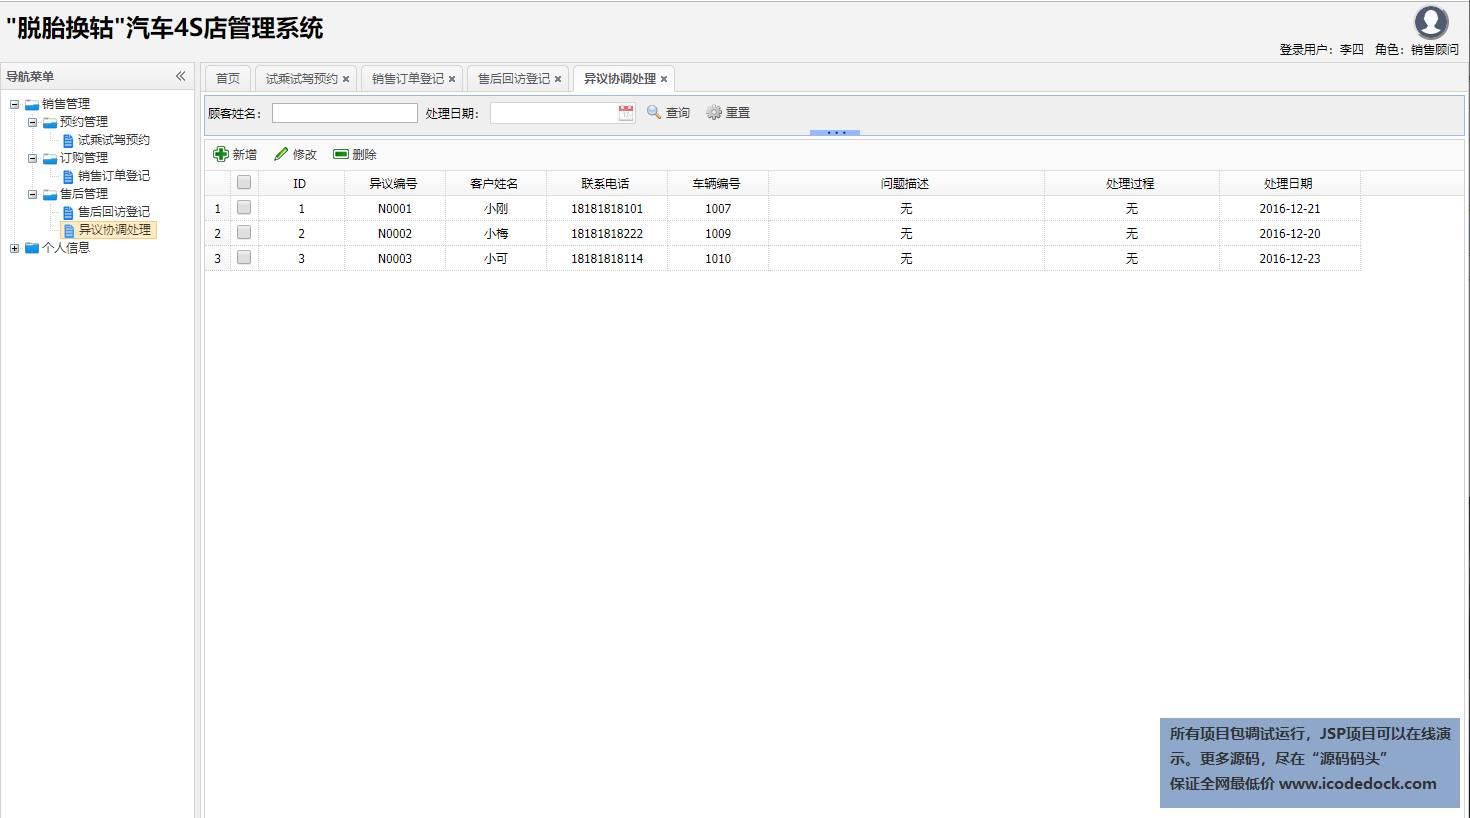 源码码头-SSH汽车4S店管理系统-销售顾问角色-争议处理